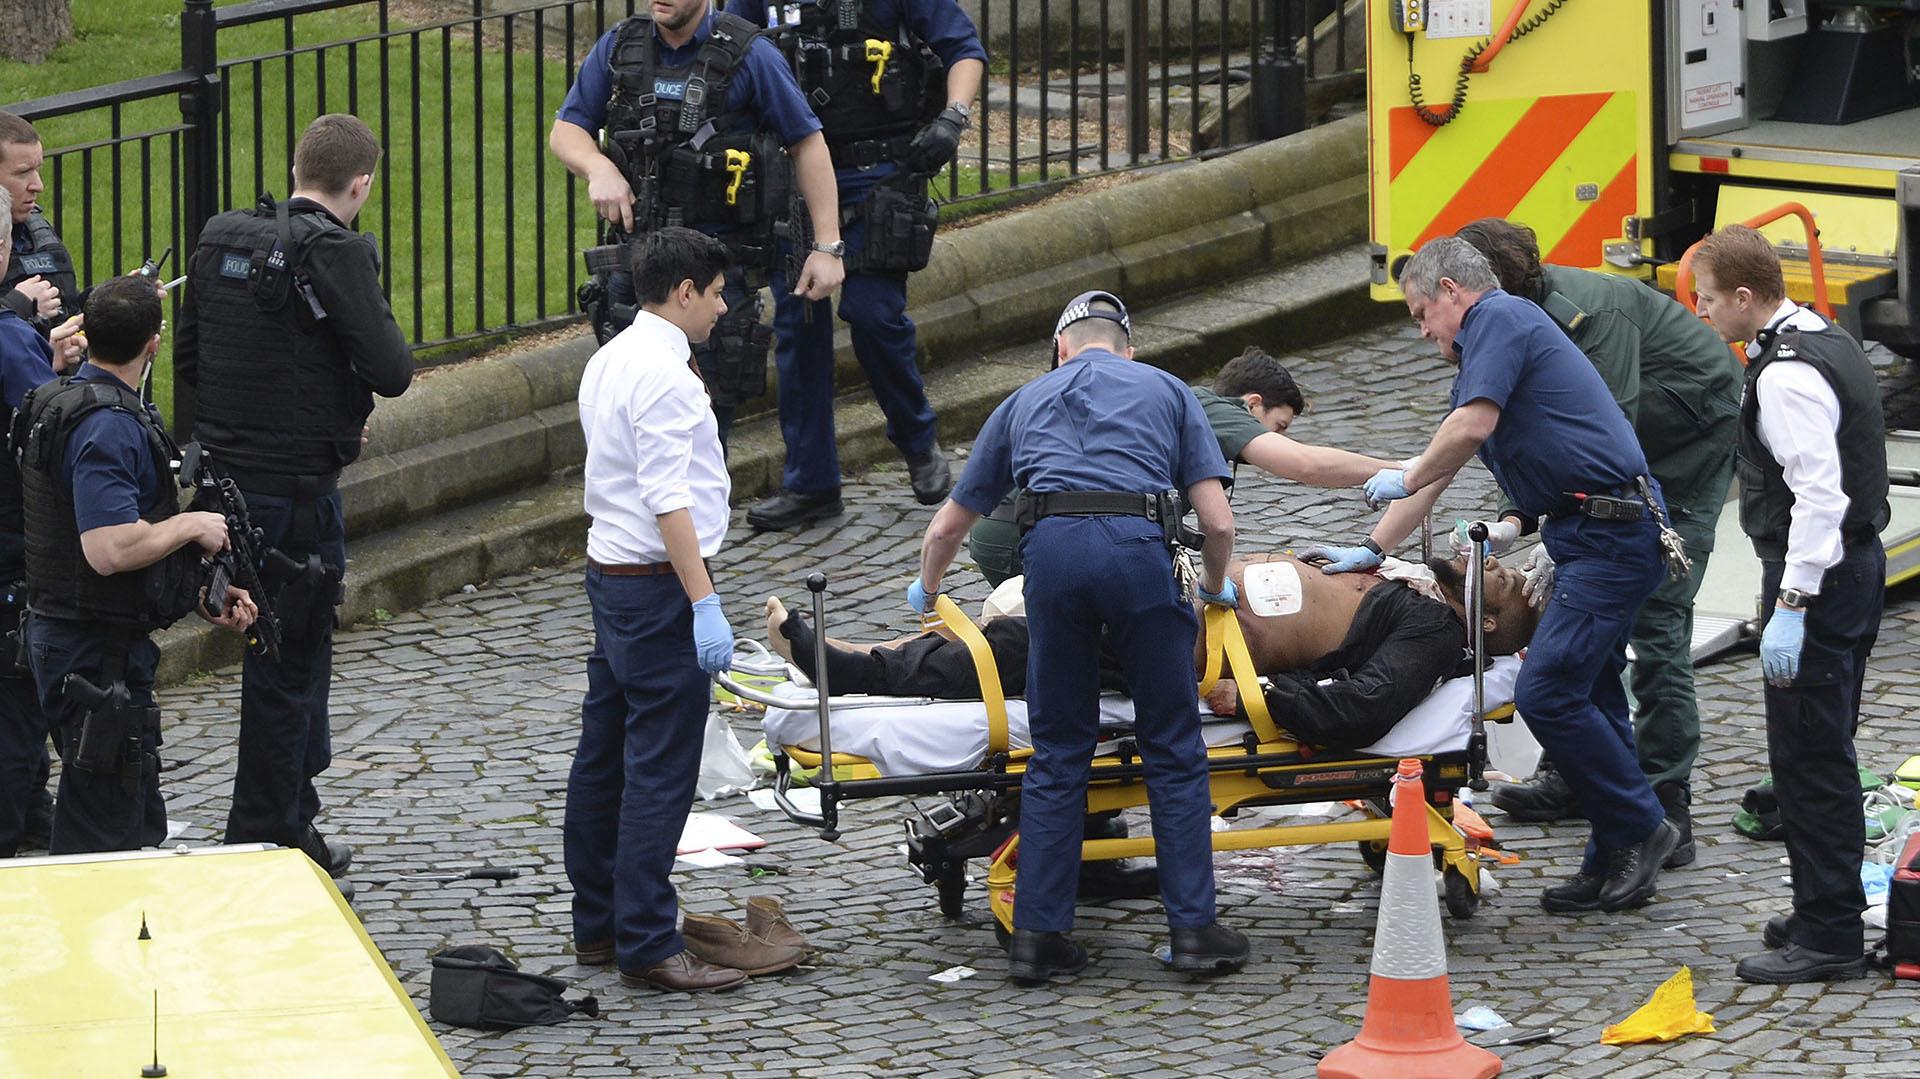 El terrorista de Londres es llevado en ambulancia luego de ser herido por un policía (AP)